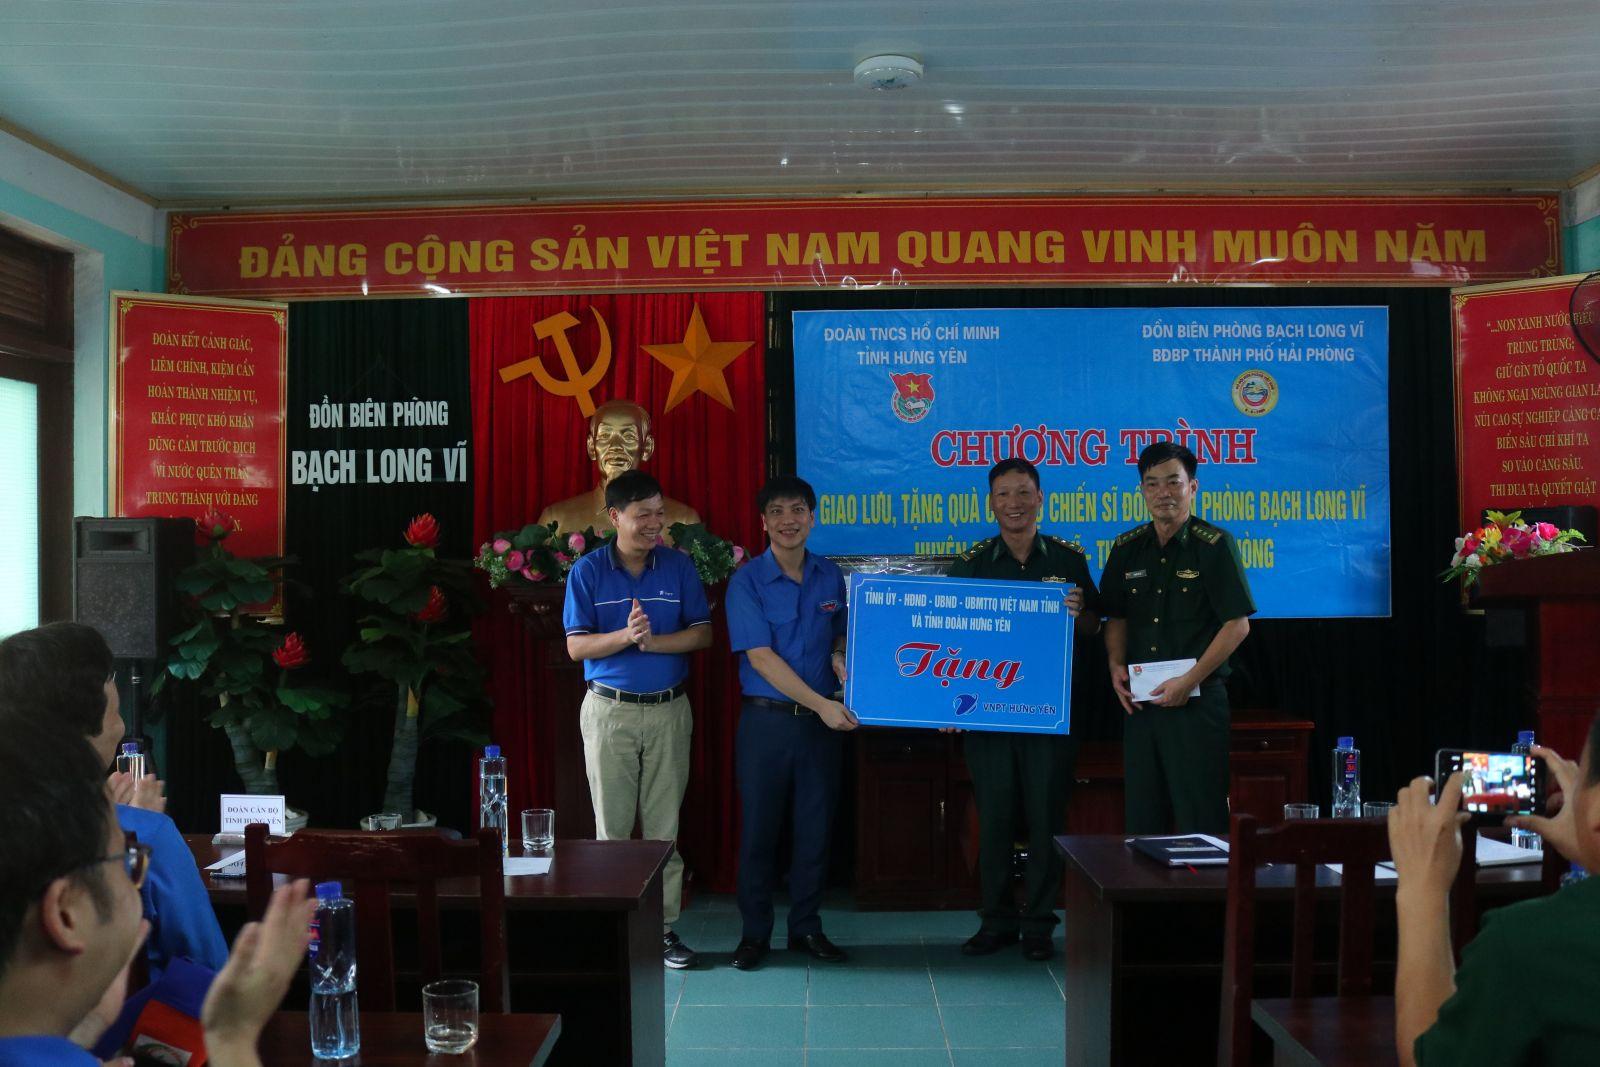 Tỉnh đoàn Hưng Yên tổ chức chương trình giao lưu, tặng quà cán bộ, chiến sĩ Đồn biên phòng Bạch Long Vĩ